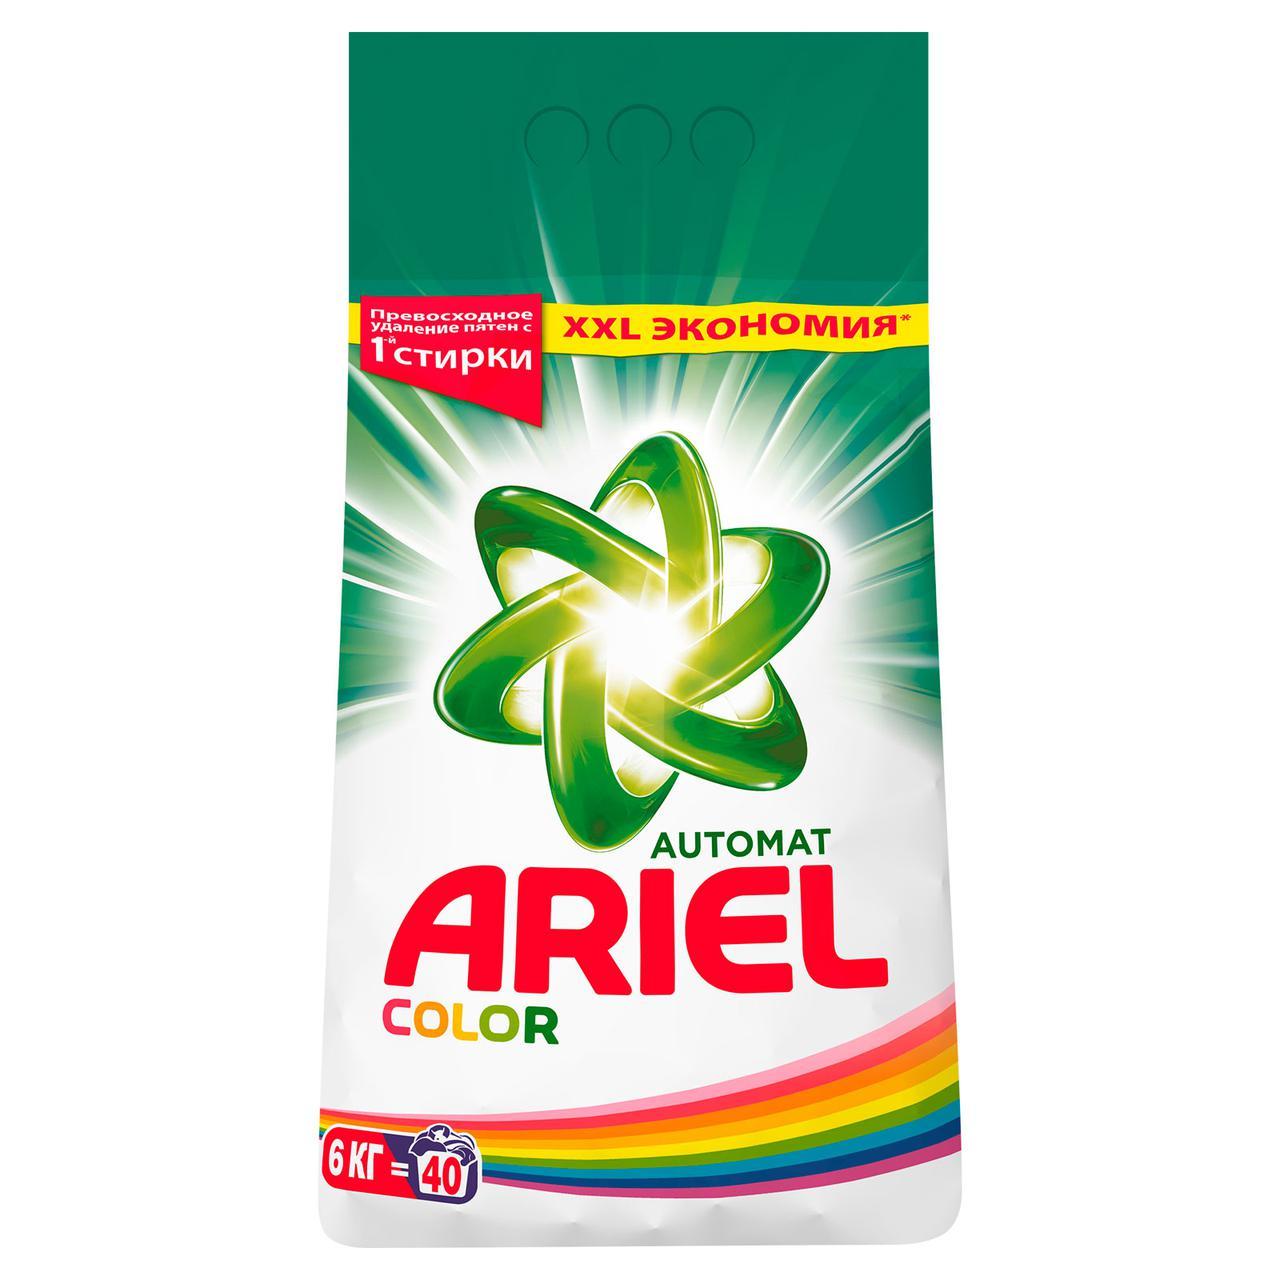 Порошок стиральный Ariel 6кг Color автомат